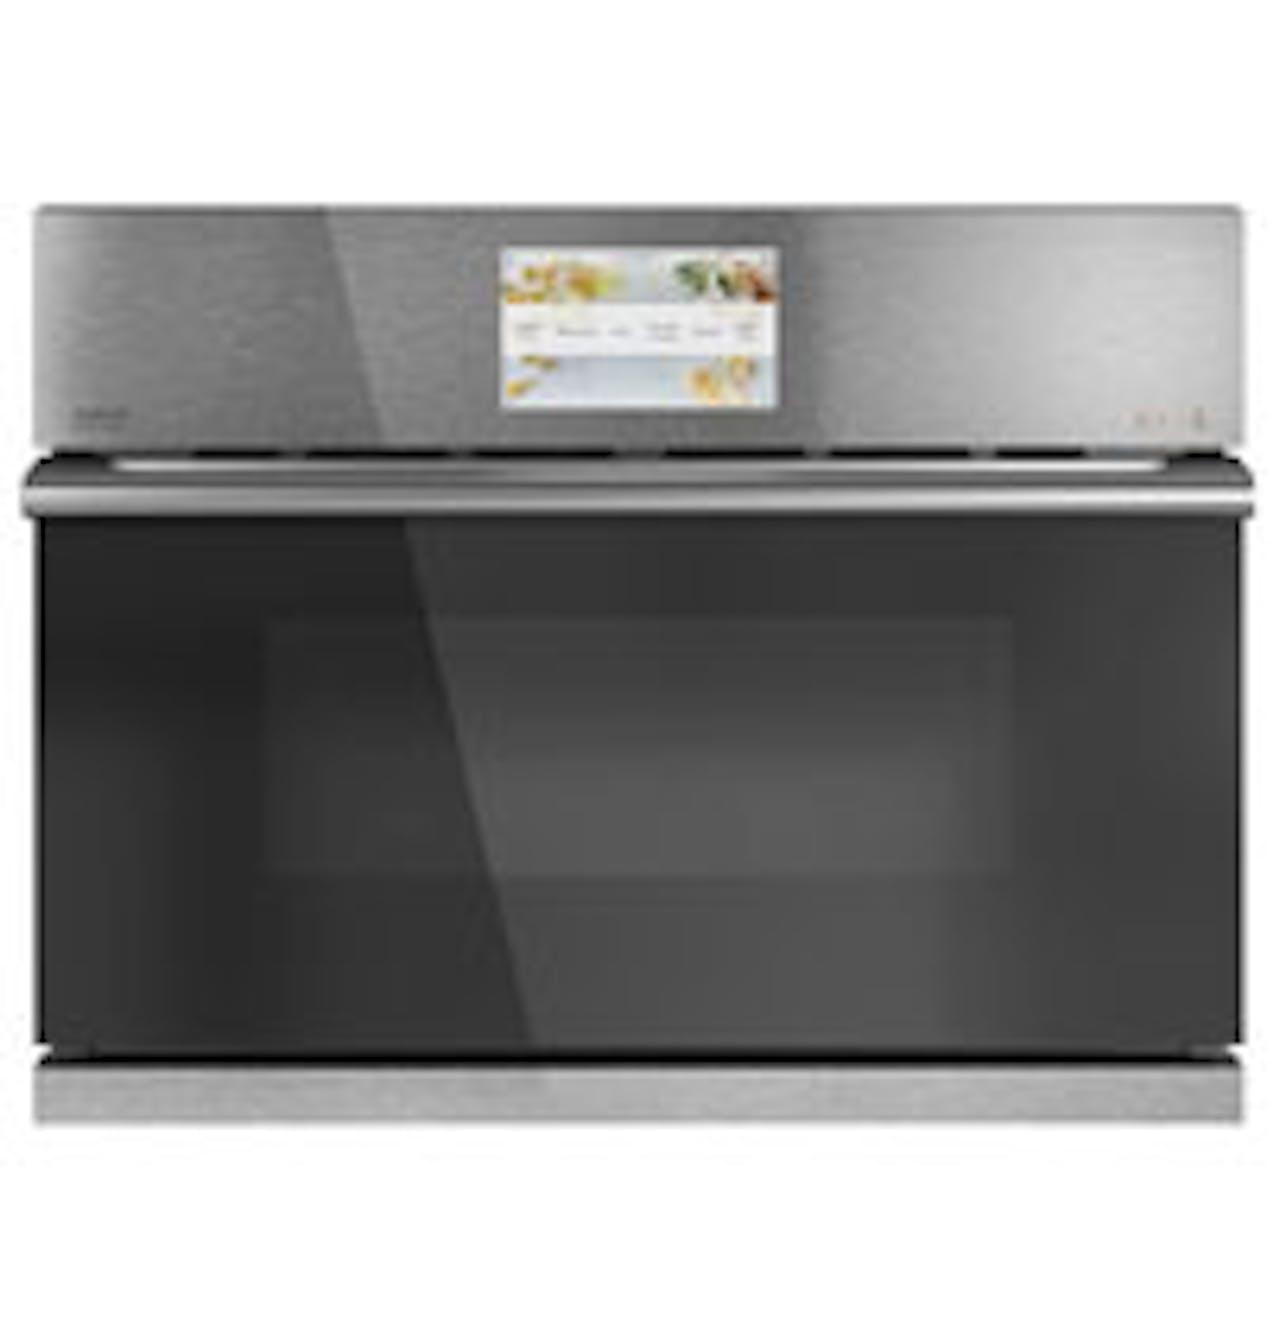 Smart 5-in-1 Advantium Ovens